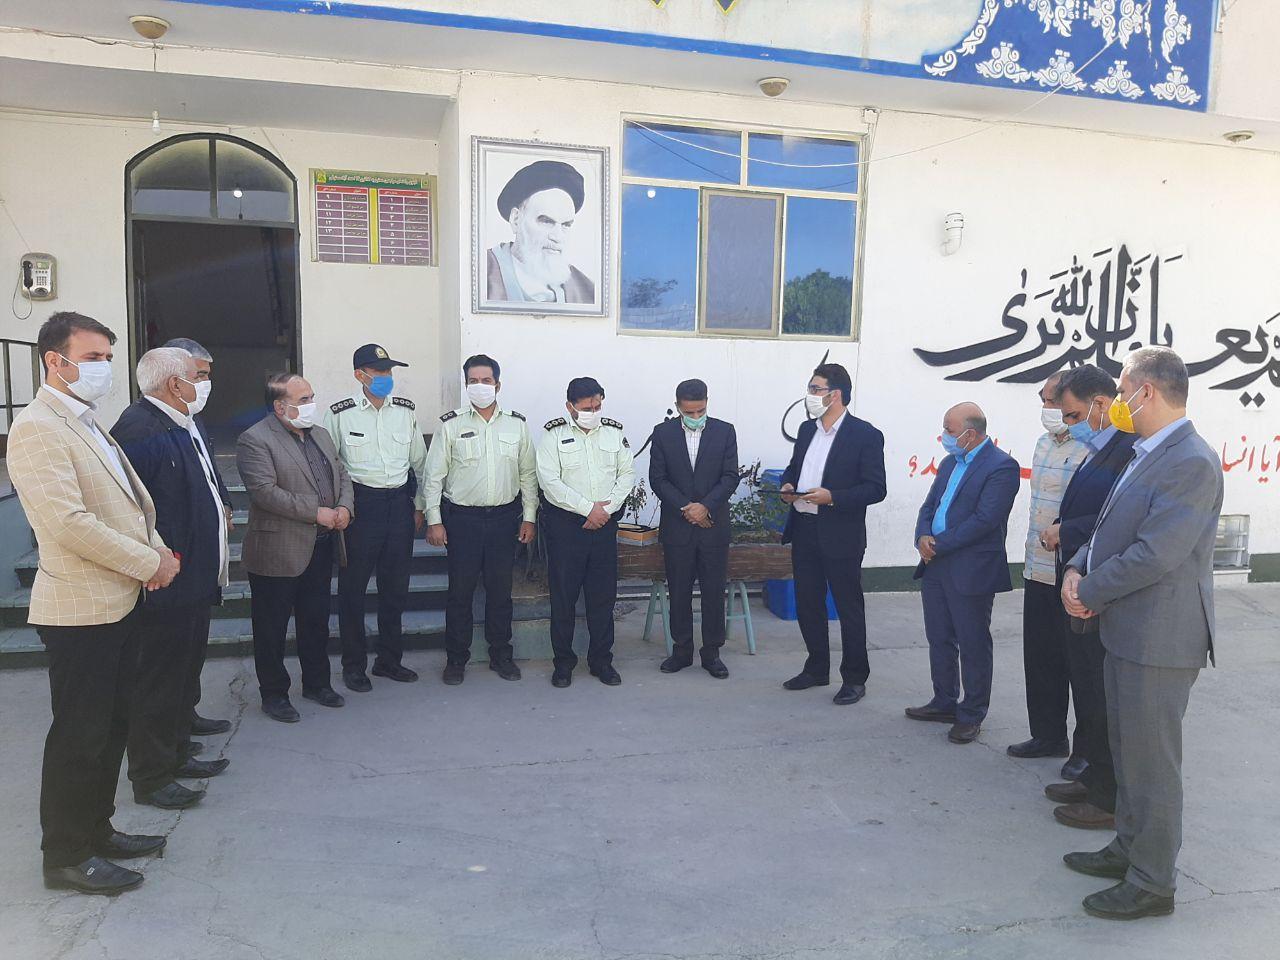 دیدار مسئولین شهر و بخش احمدآباد مستوفی با فرماندهان کلانتری 14 به مناسبت هفته نیروی انتظامی